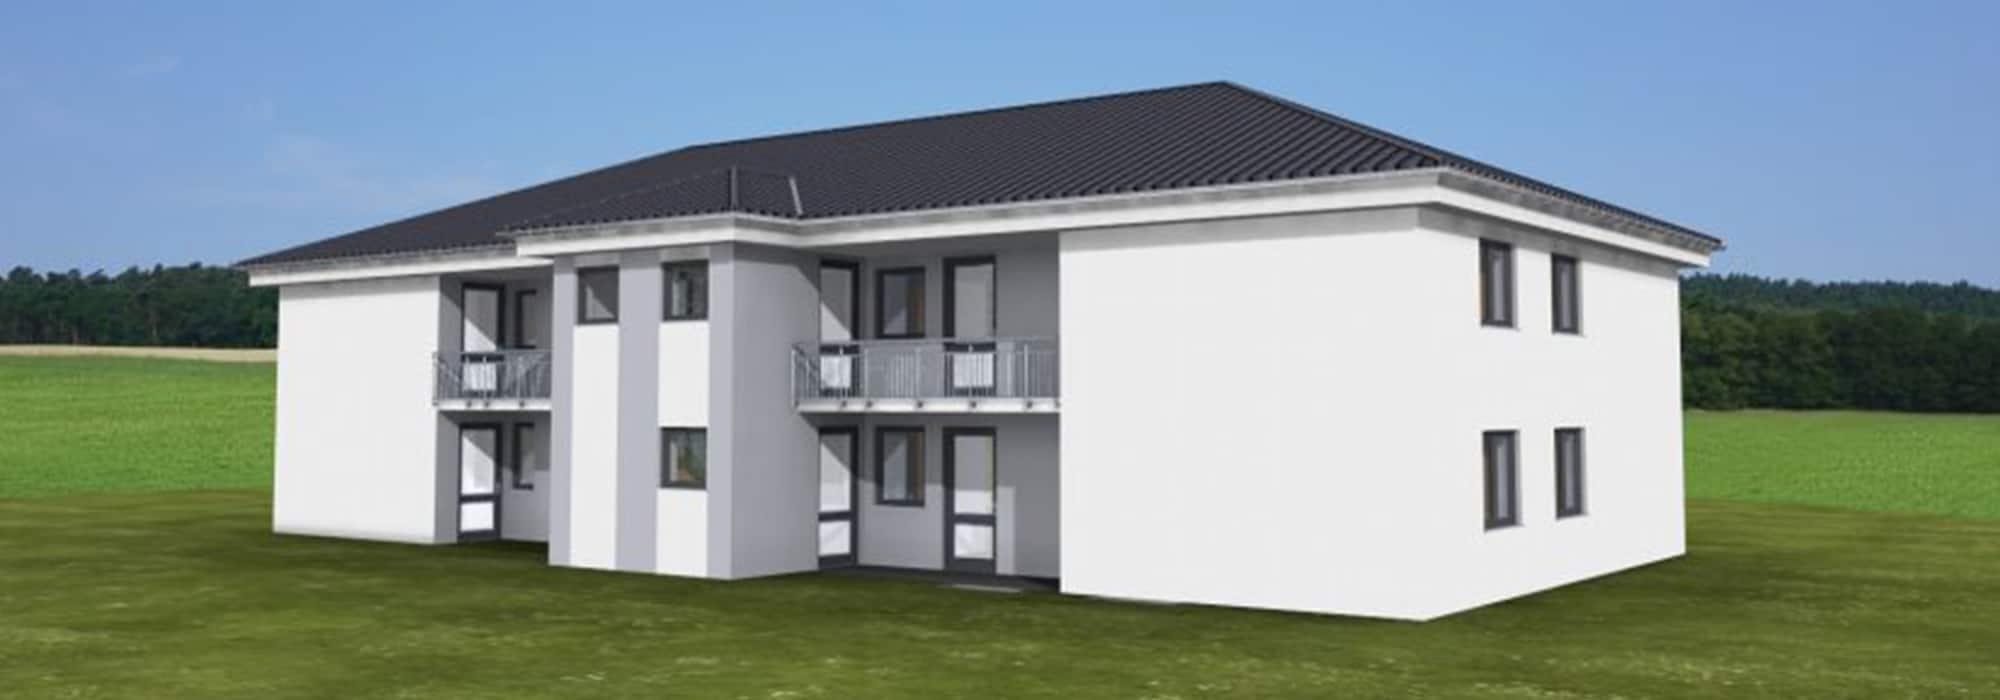 8 freundliche Eigentumswohnungen in Bad Salzungen